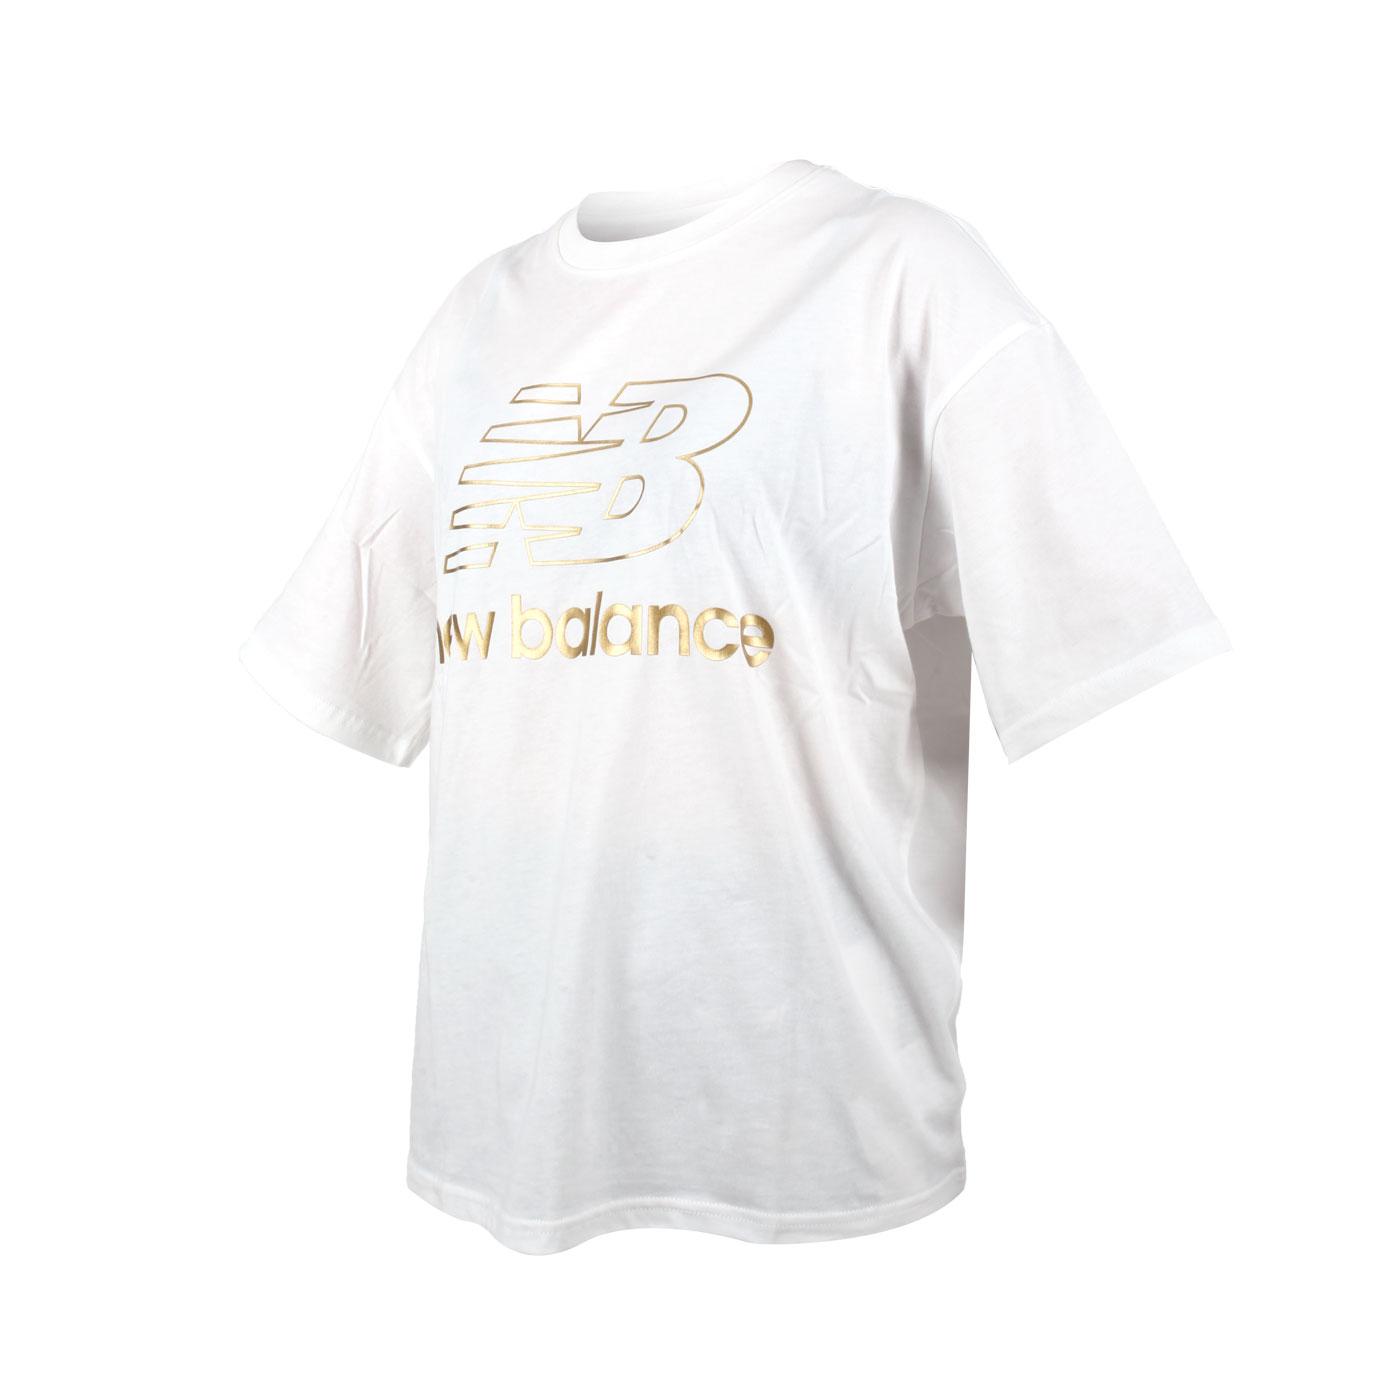 NEW BALANCE 女款寬鬆短袖T恤 AWT03505BK - 白金